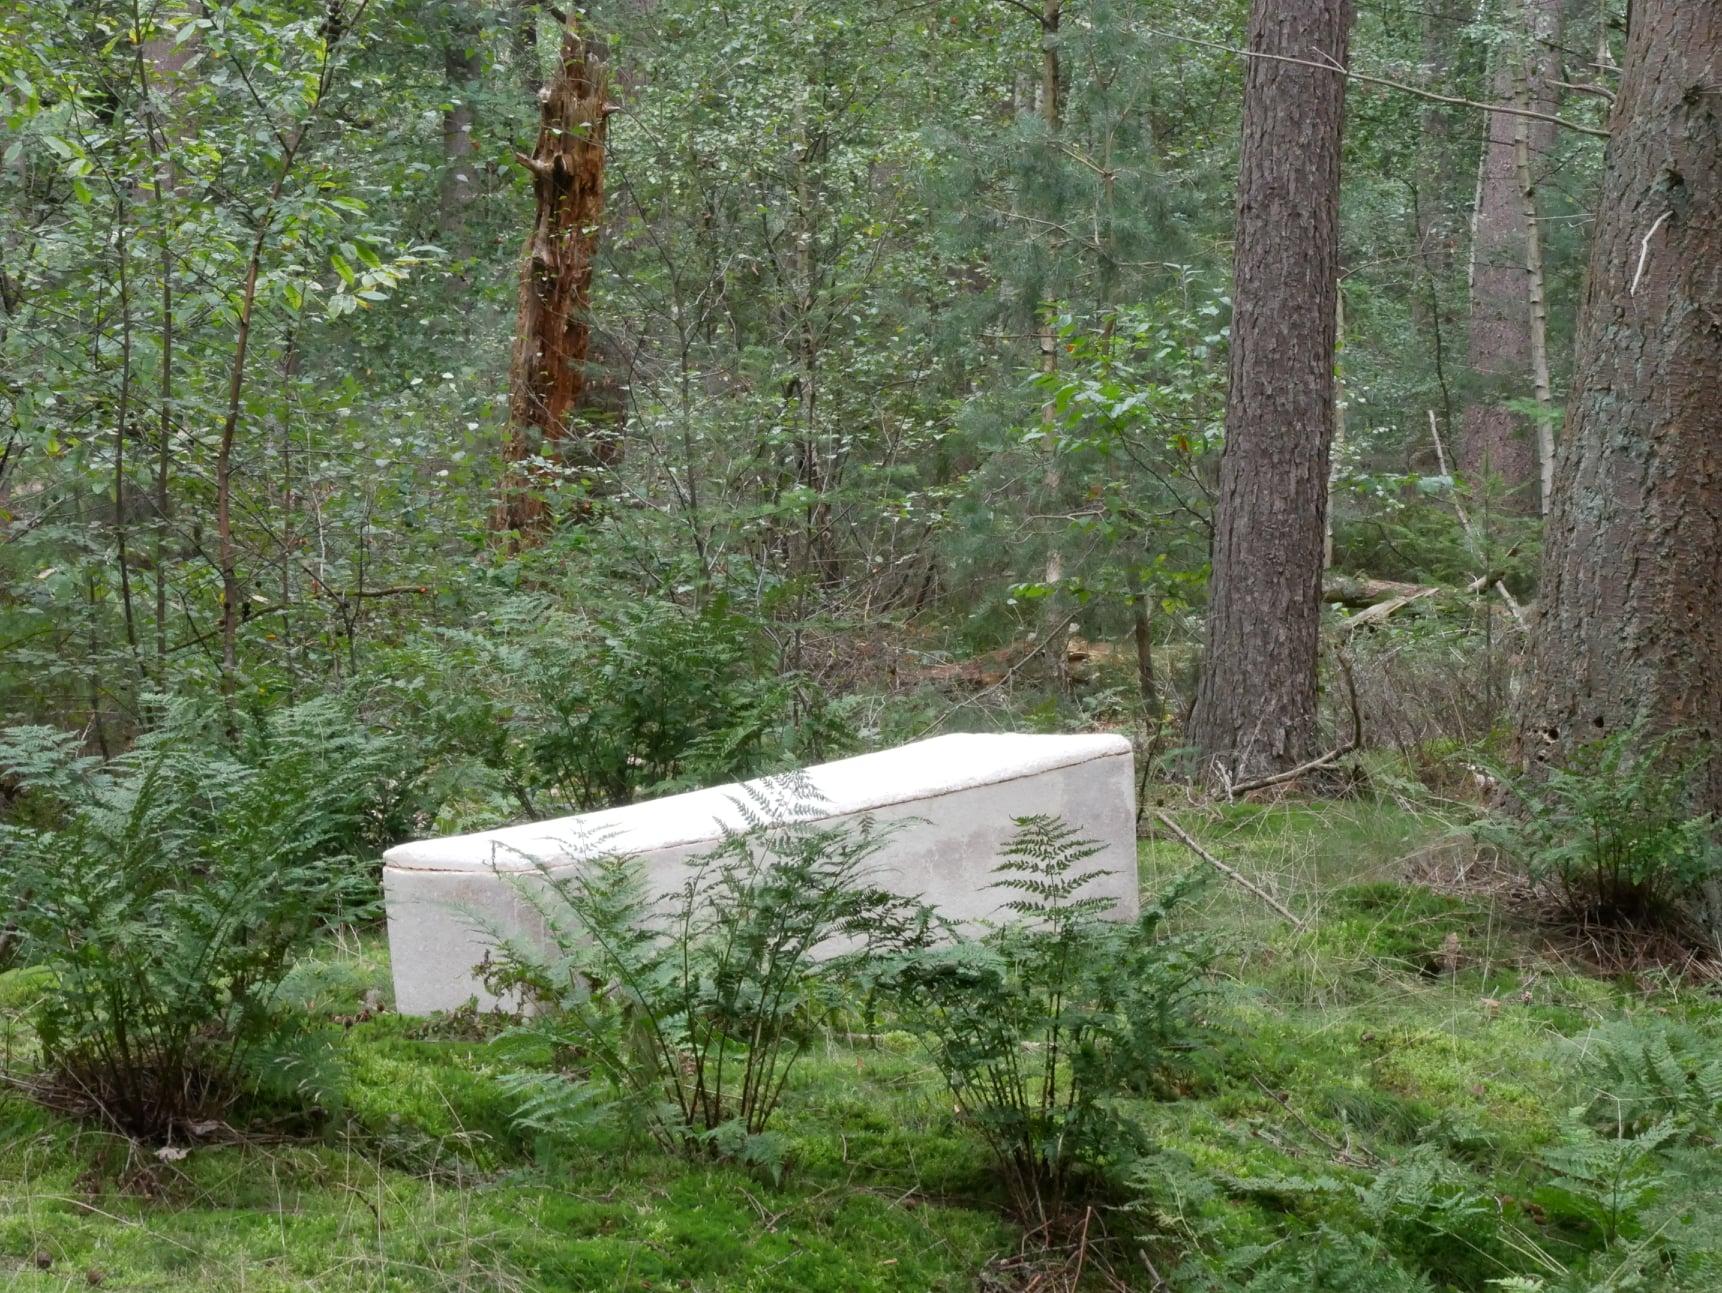 A világon először gombakoporsóba temettek egy embert Hollandiában